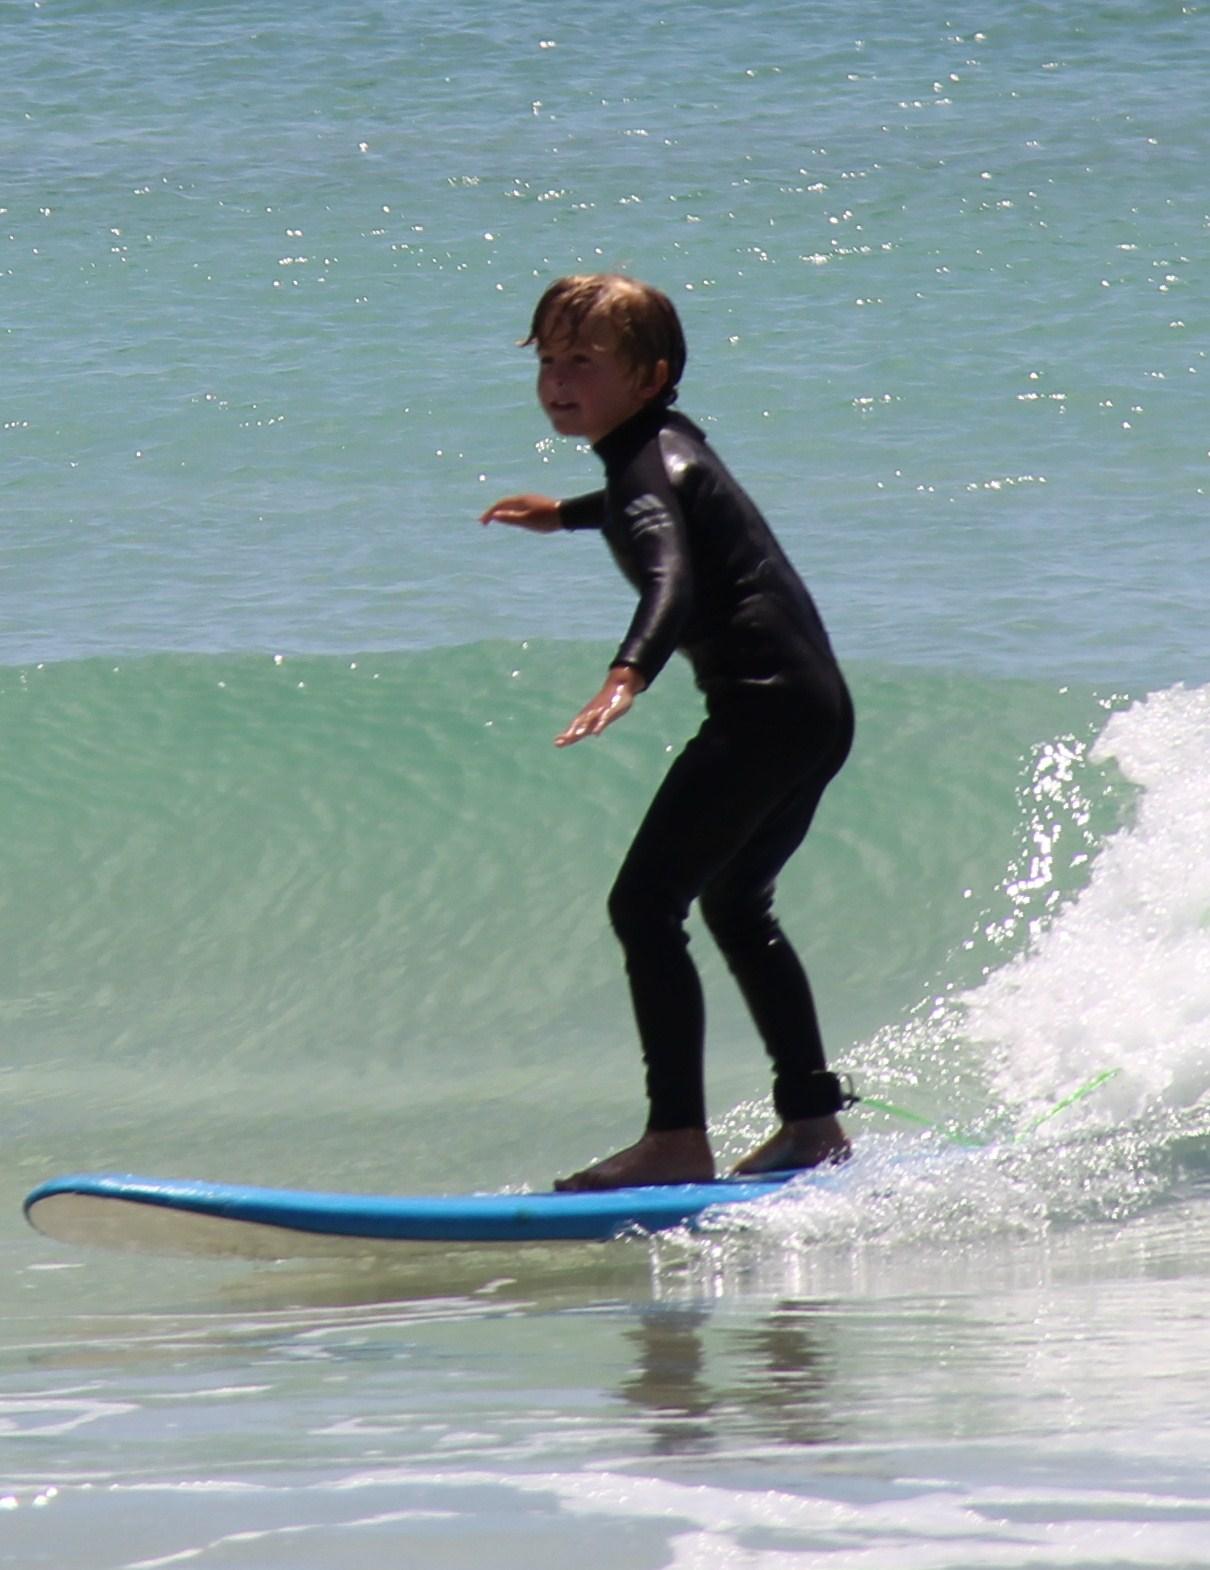 http://4.bp.blogspot.com/-eqfSKcLg_YE/TtI1GhE4JSI/AAAAAAAAAZc/_EBgN9UD_hY/s1600/Bunker+Bay+Surfing+001.JPG